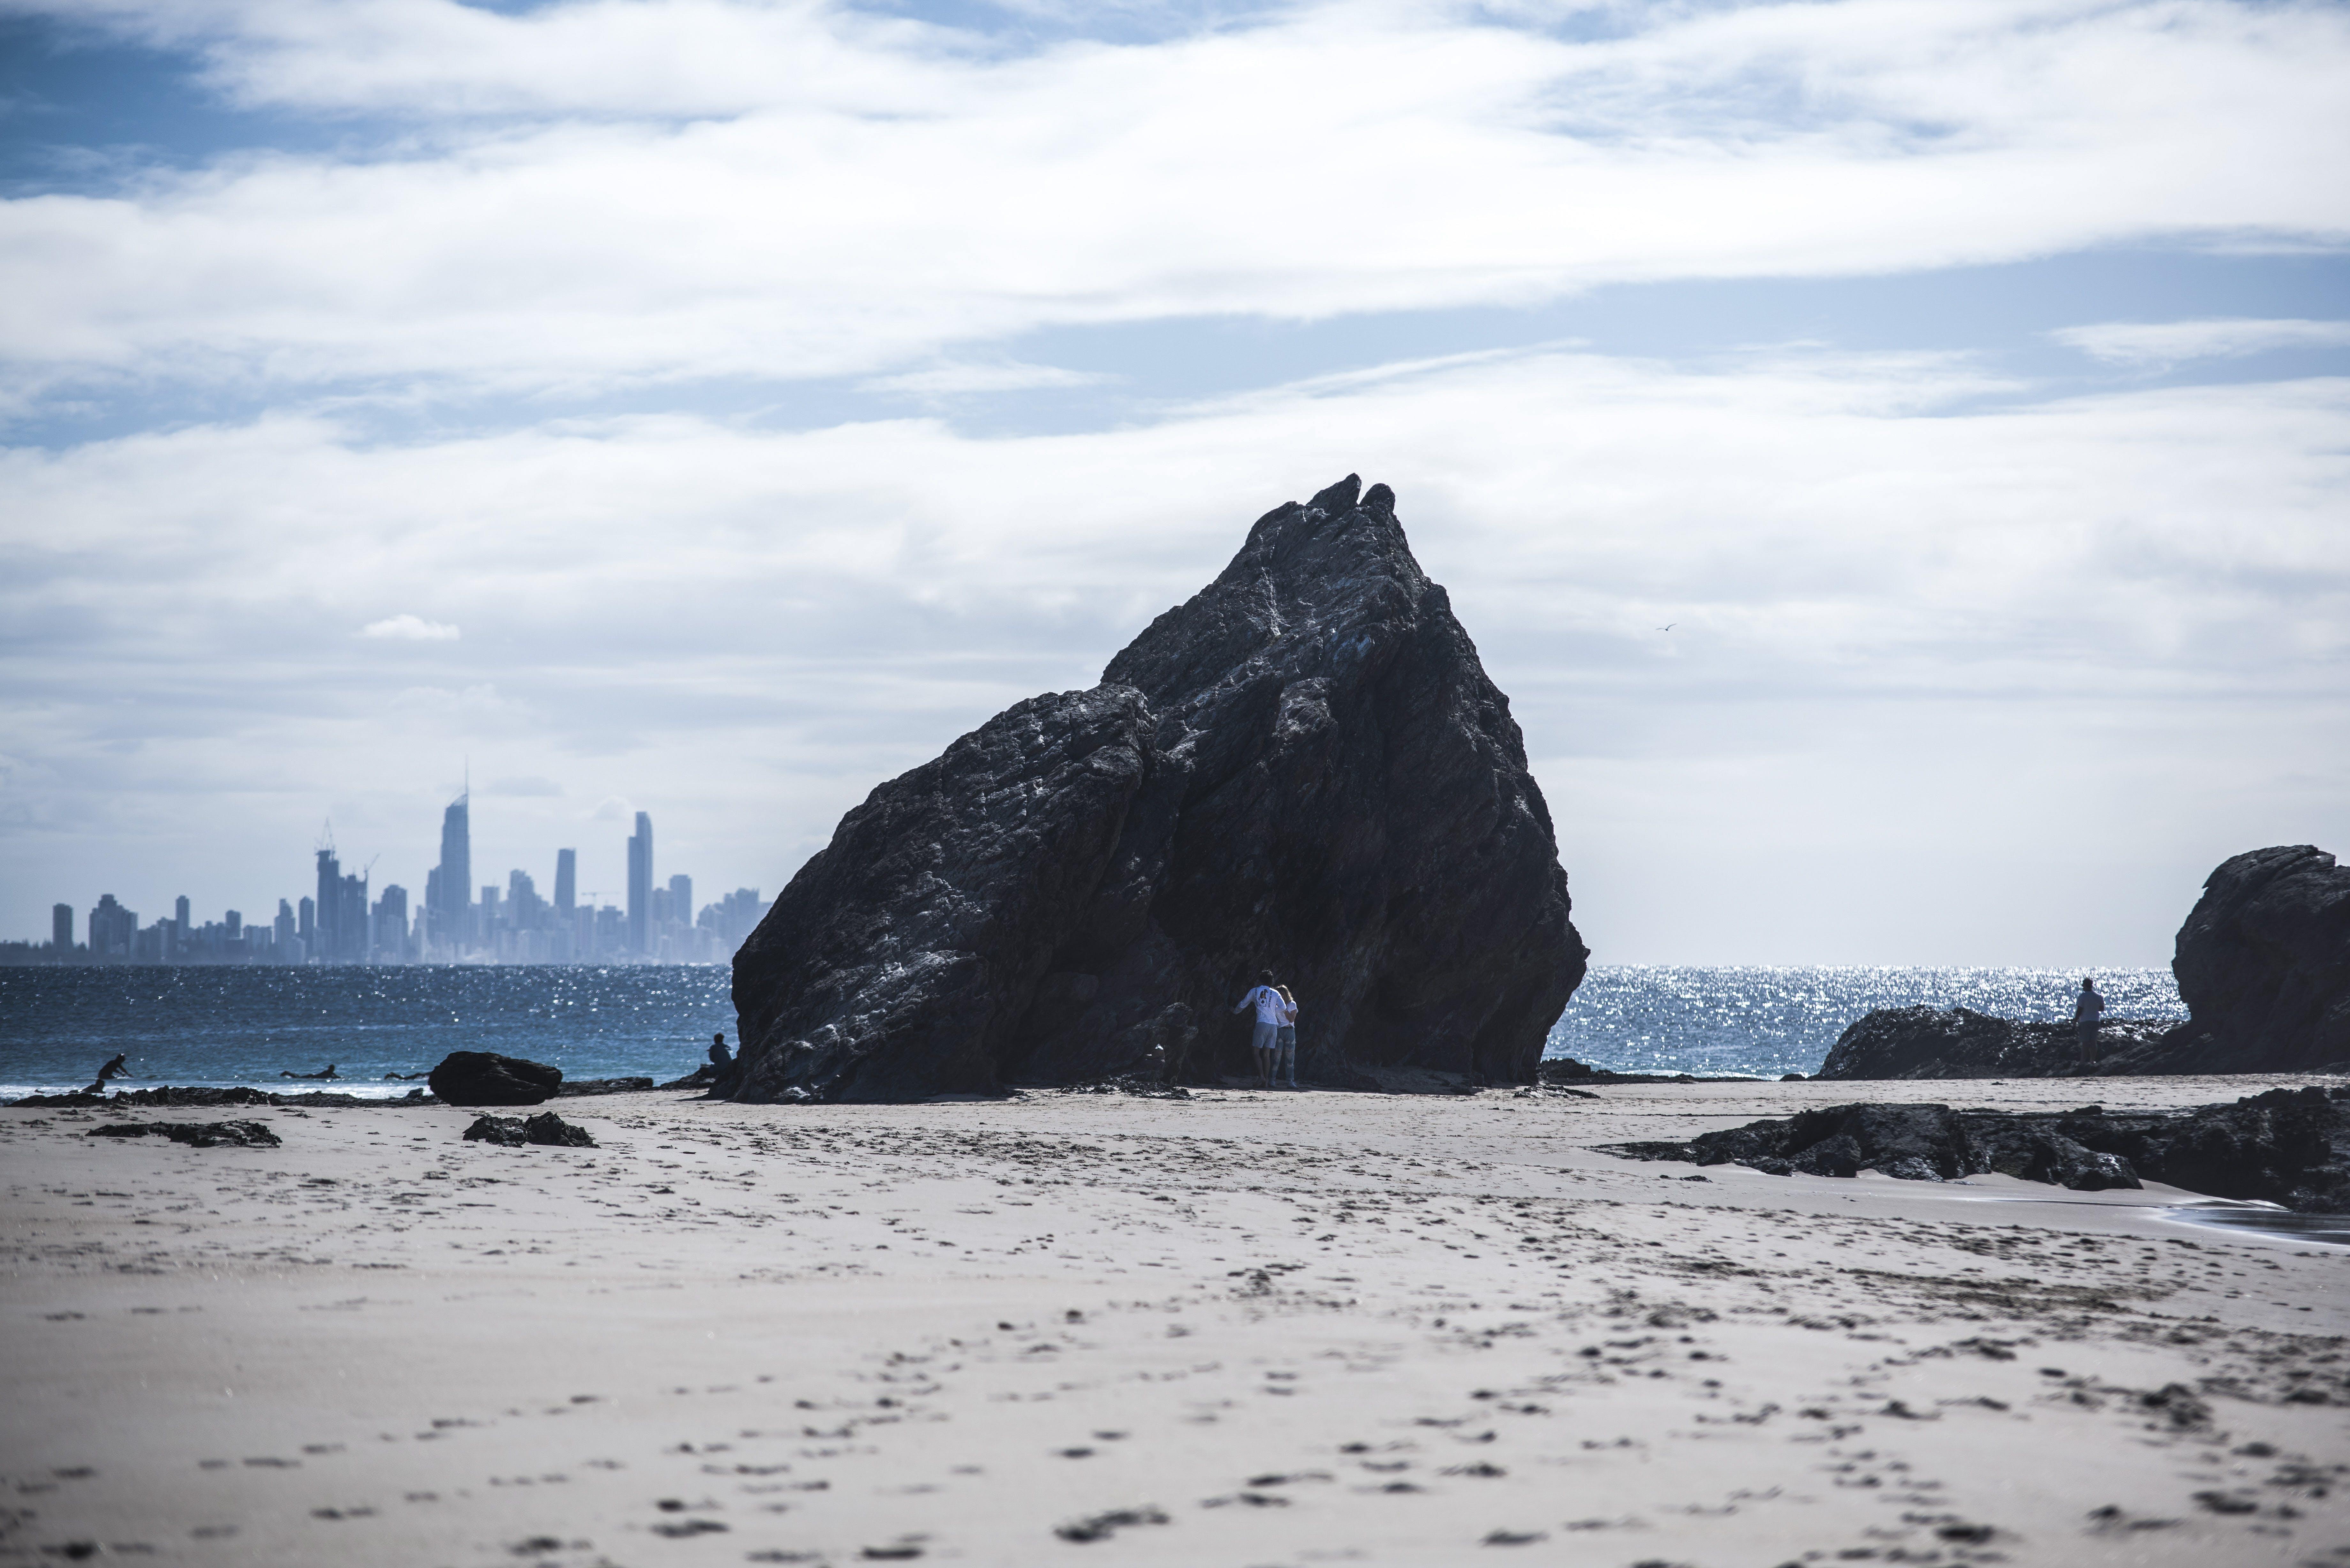 Gratis lagerfoto af blåt vand, bølger, havudsigt, klippeformation